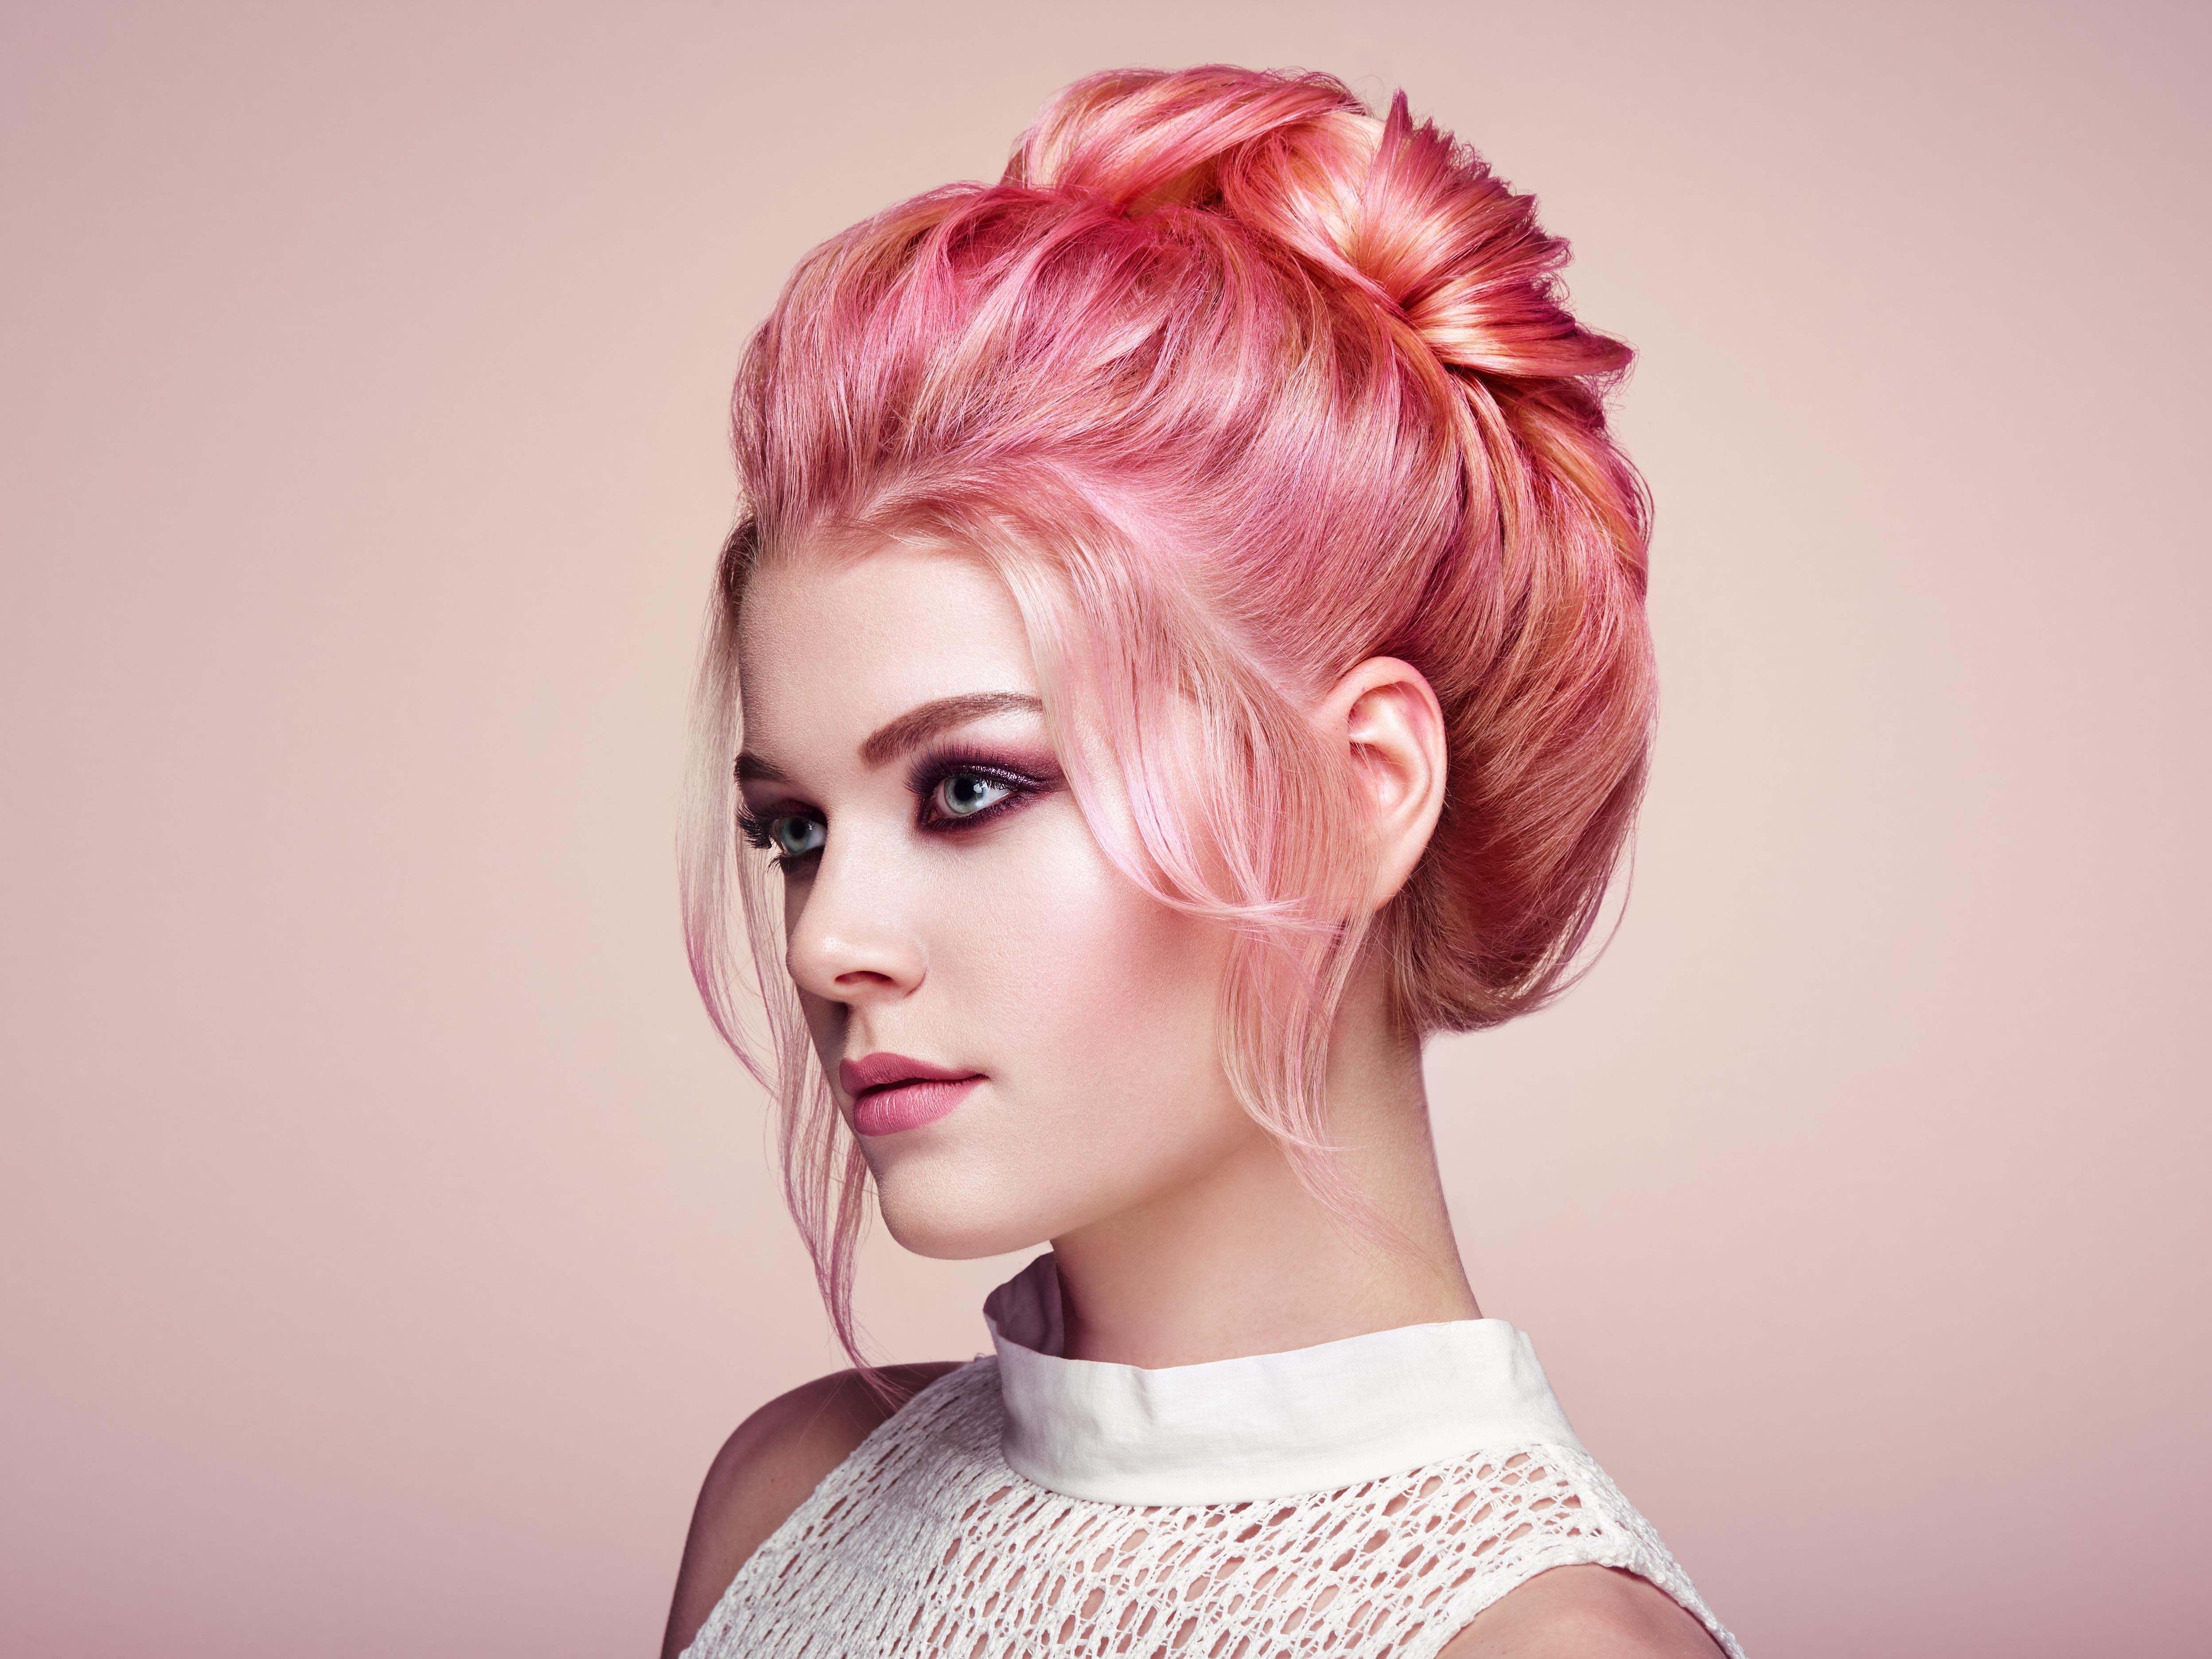 I capelli rosa a chi stanno bene?